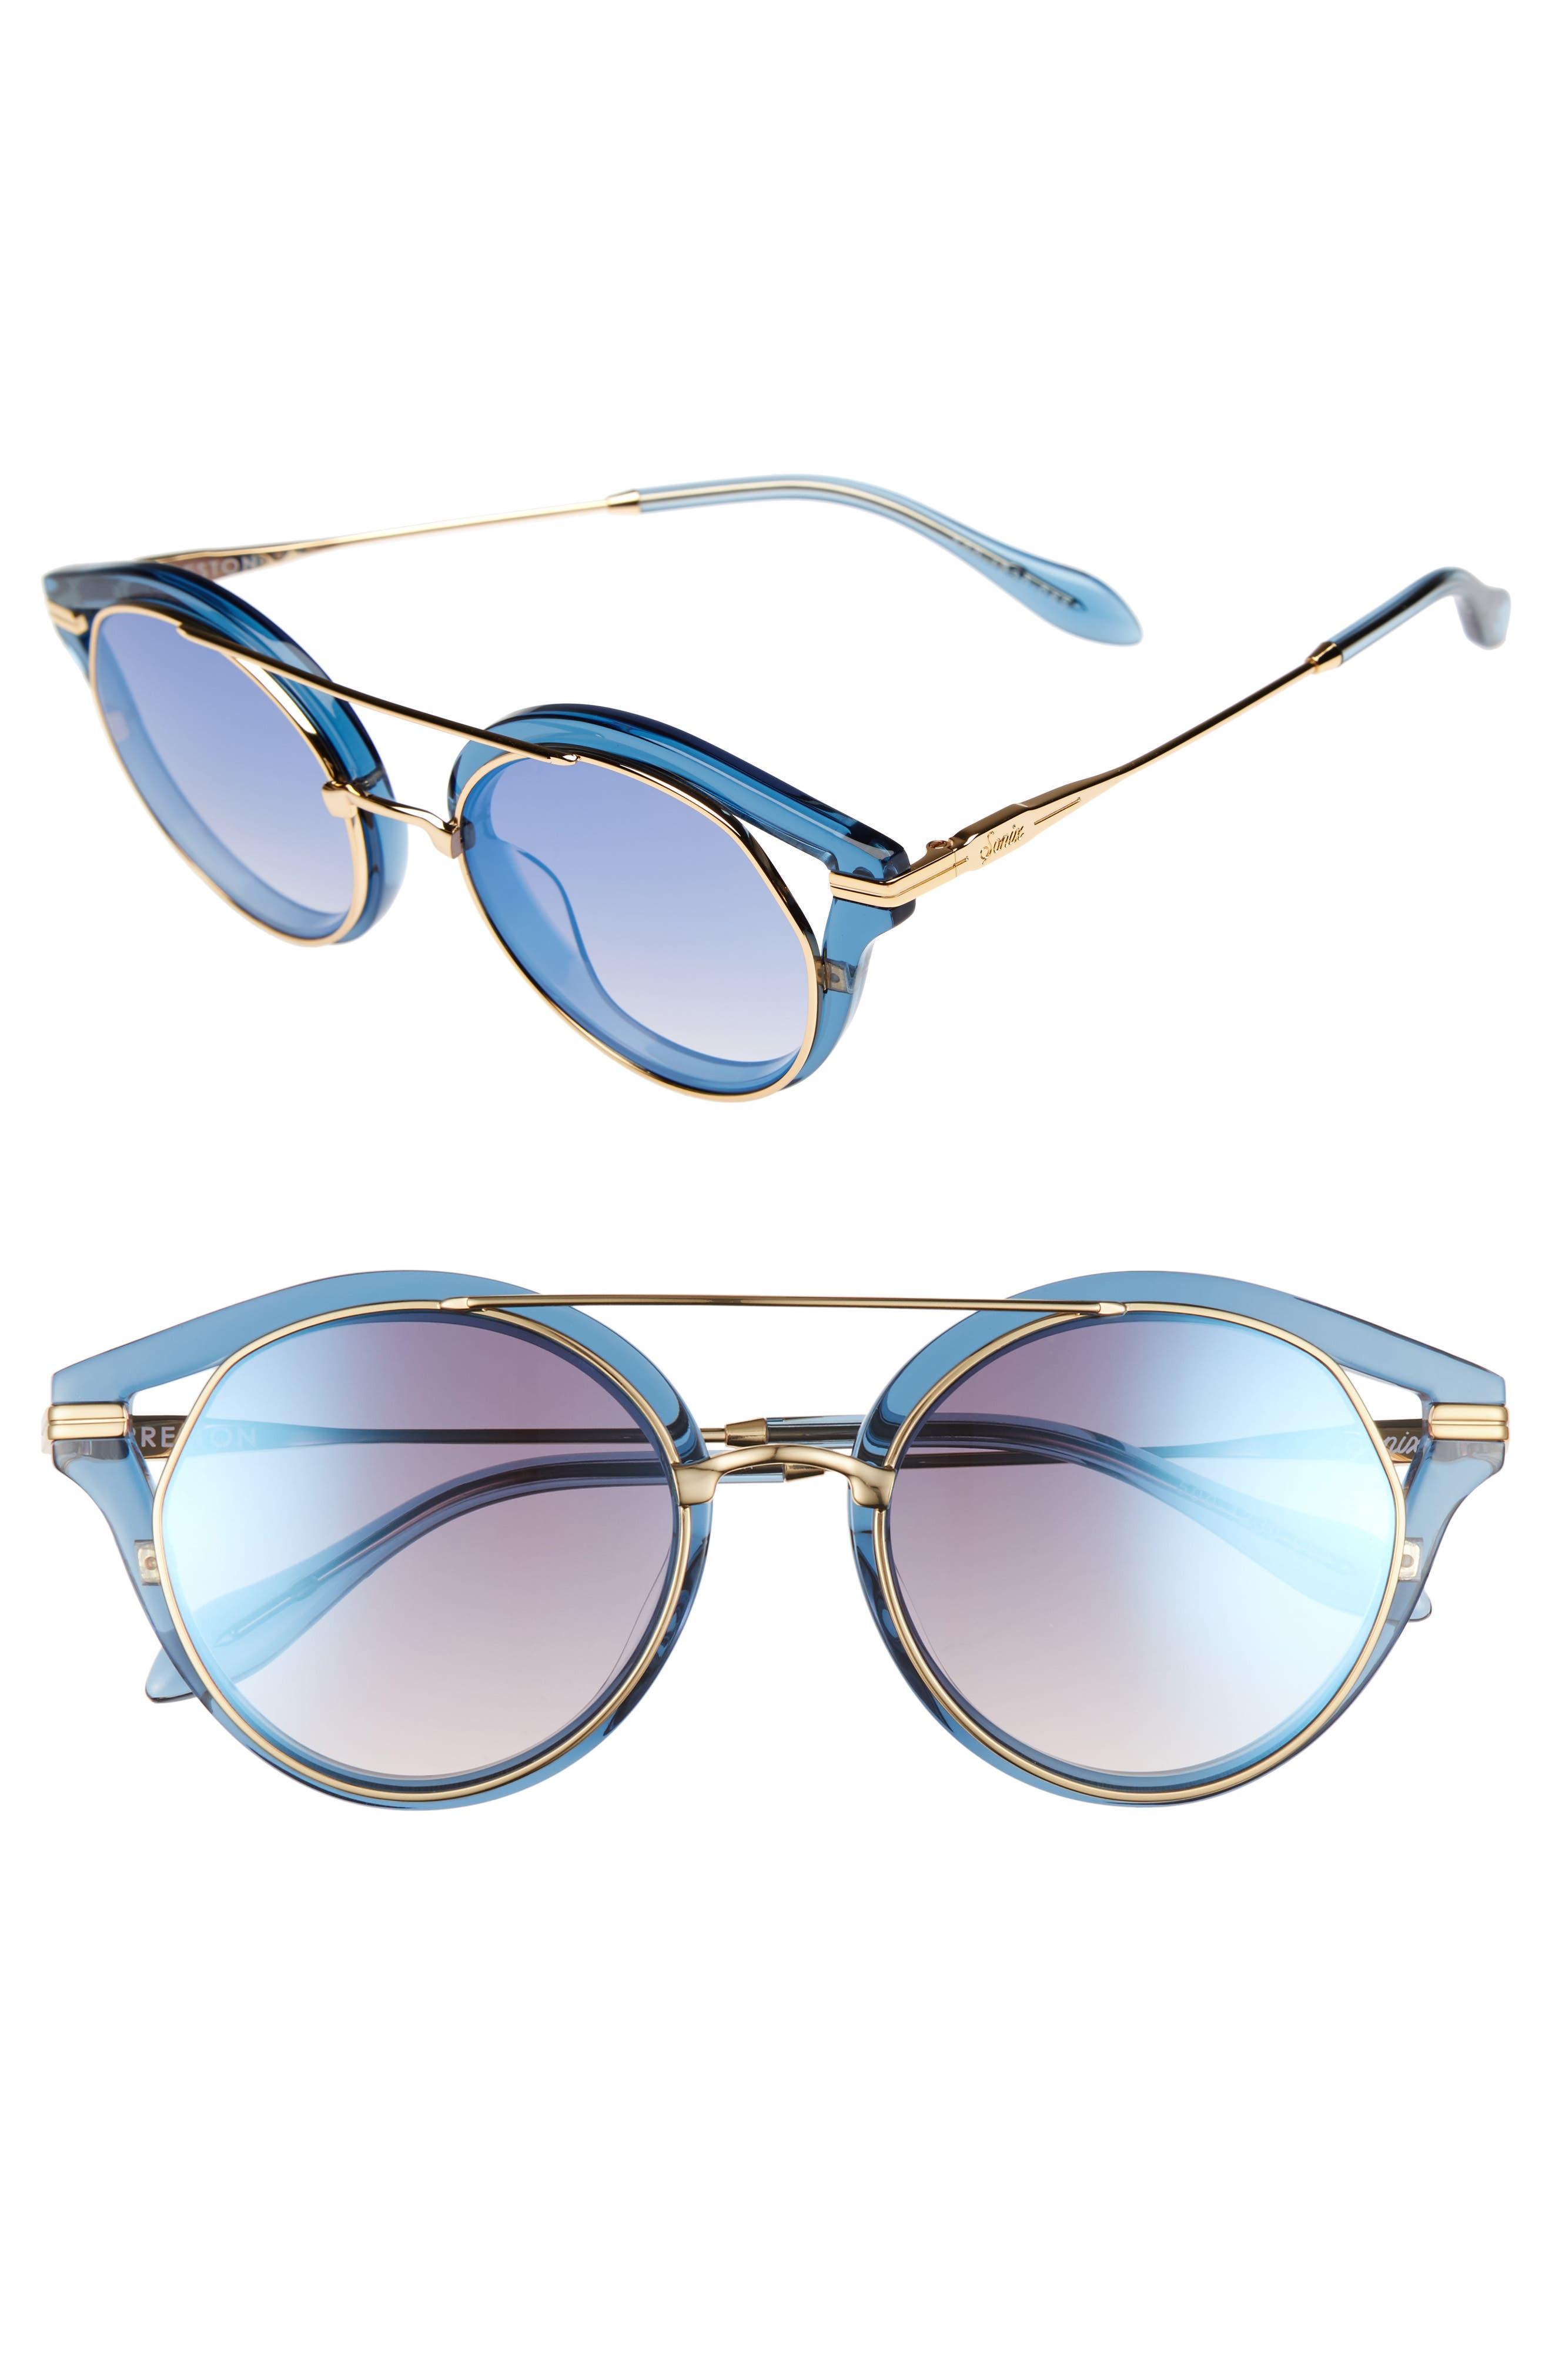 Preston 51mm Gradient Round Sunglasses,                         Main,                         color, Blue Clear/ Indigo Mirror